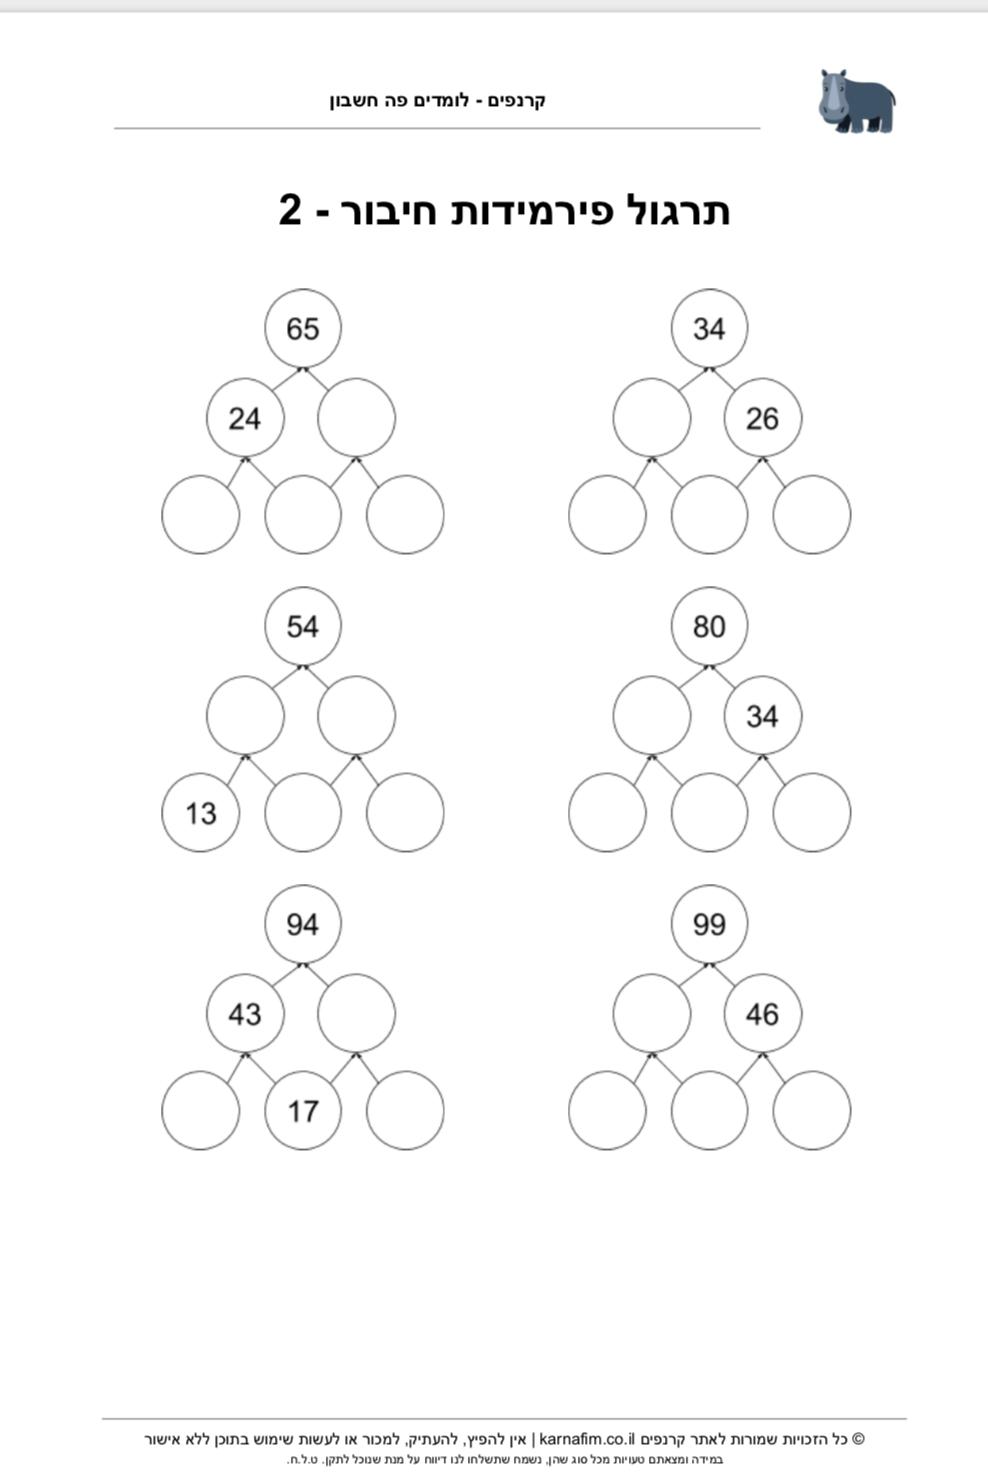 תרגול פירמידות חיבור - חלק 2 לכיתה ג׳